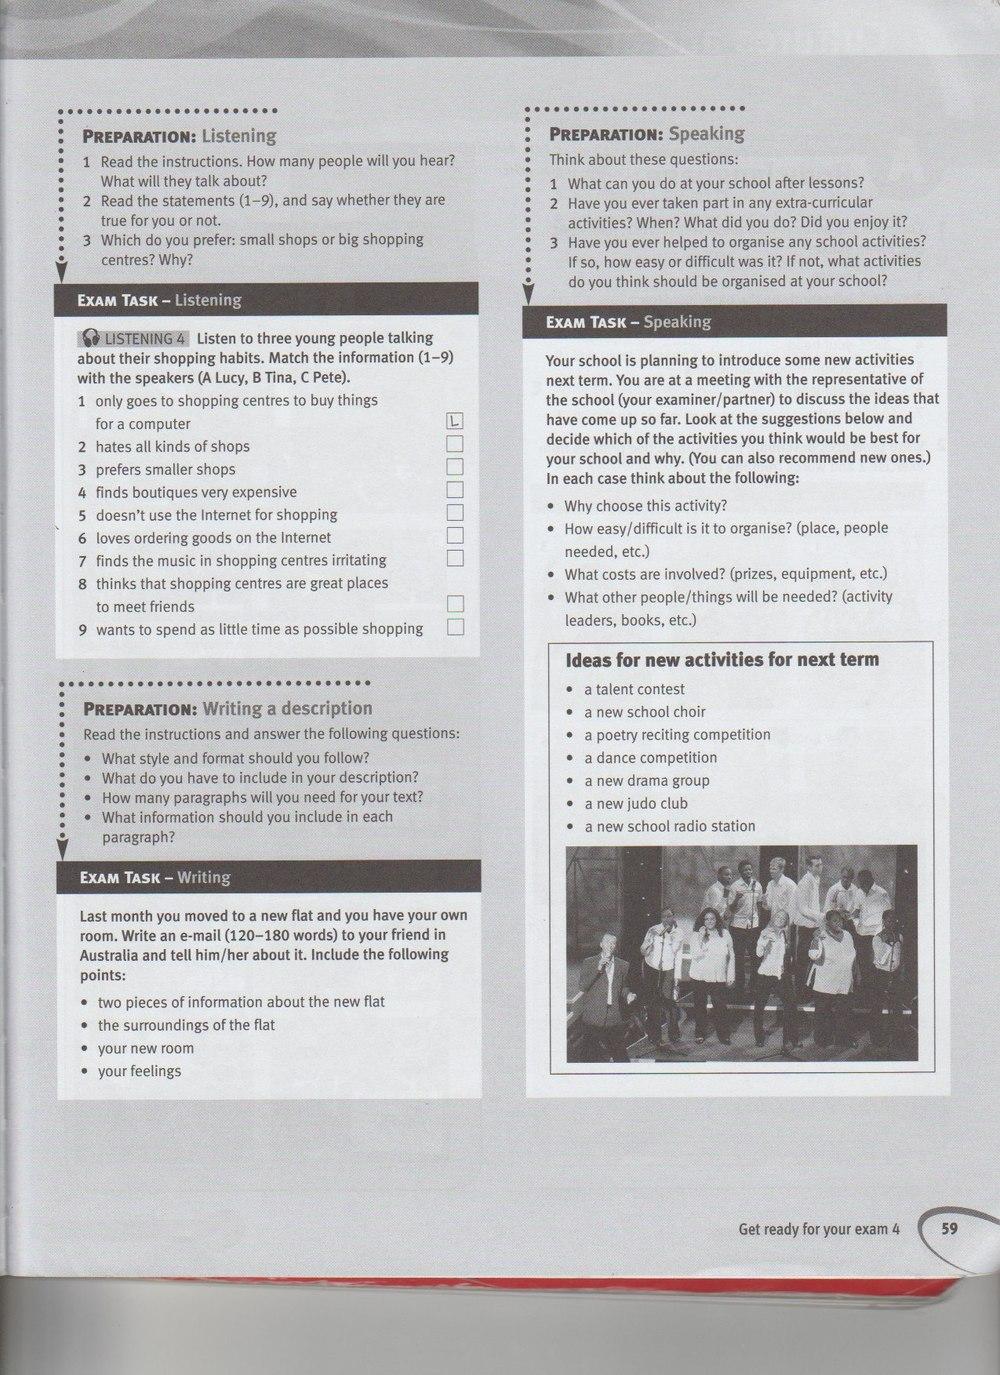 Гдз по английскому языку solutions рабочая тетрадь tim falla